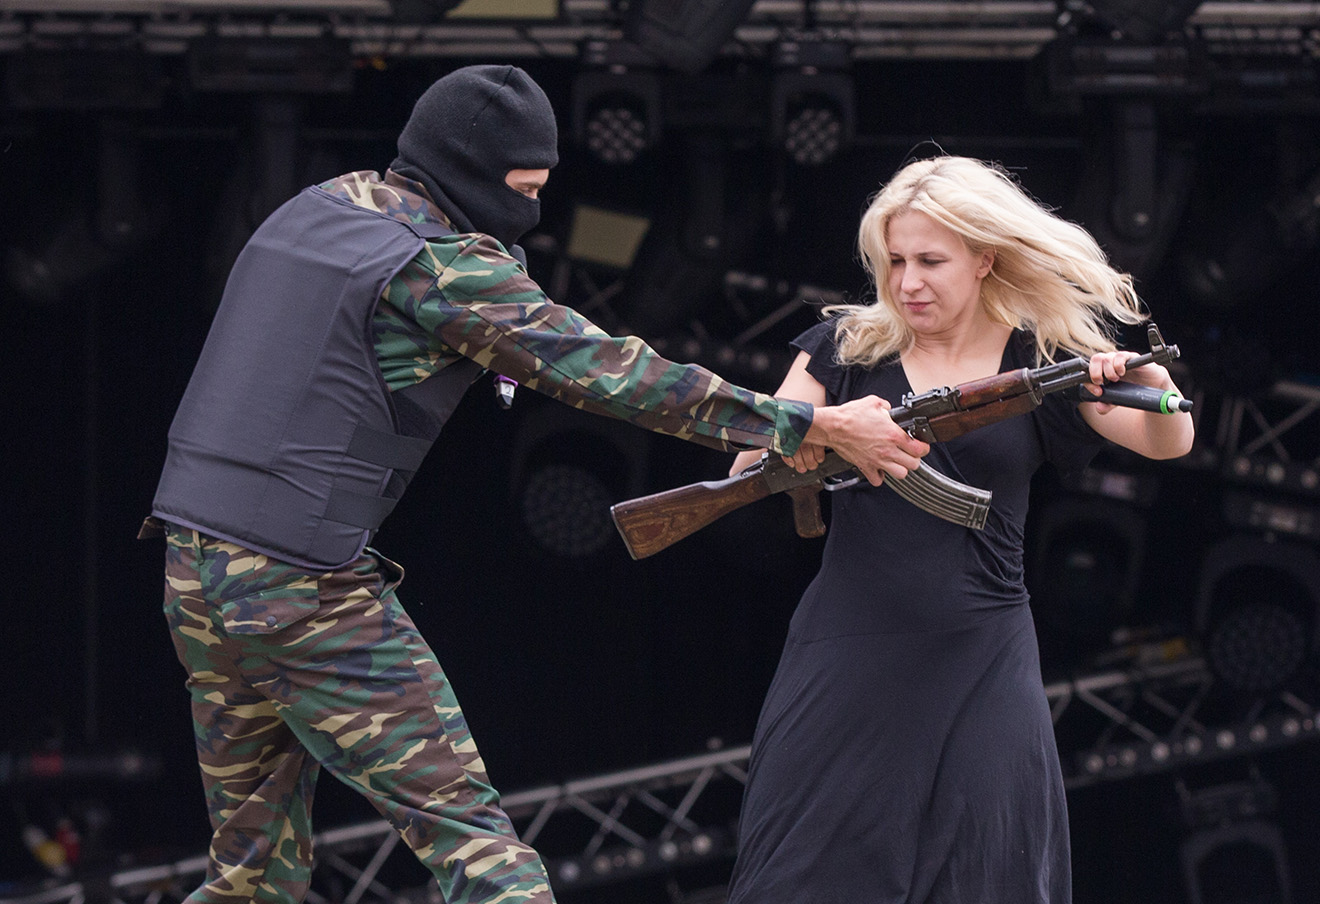 Выступление Pussy Riot на Glastonbury Music Festival в 2015 году. Фото: Jim Ross / AP